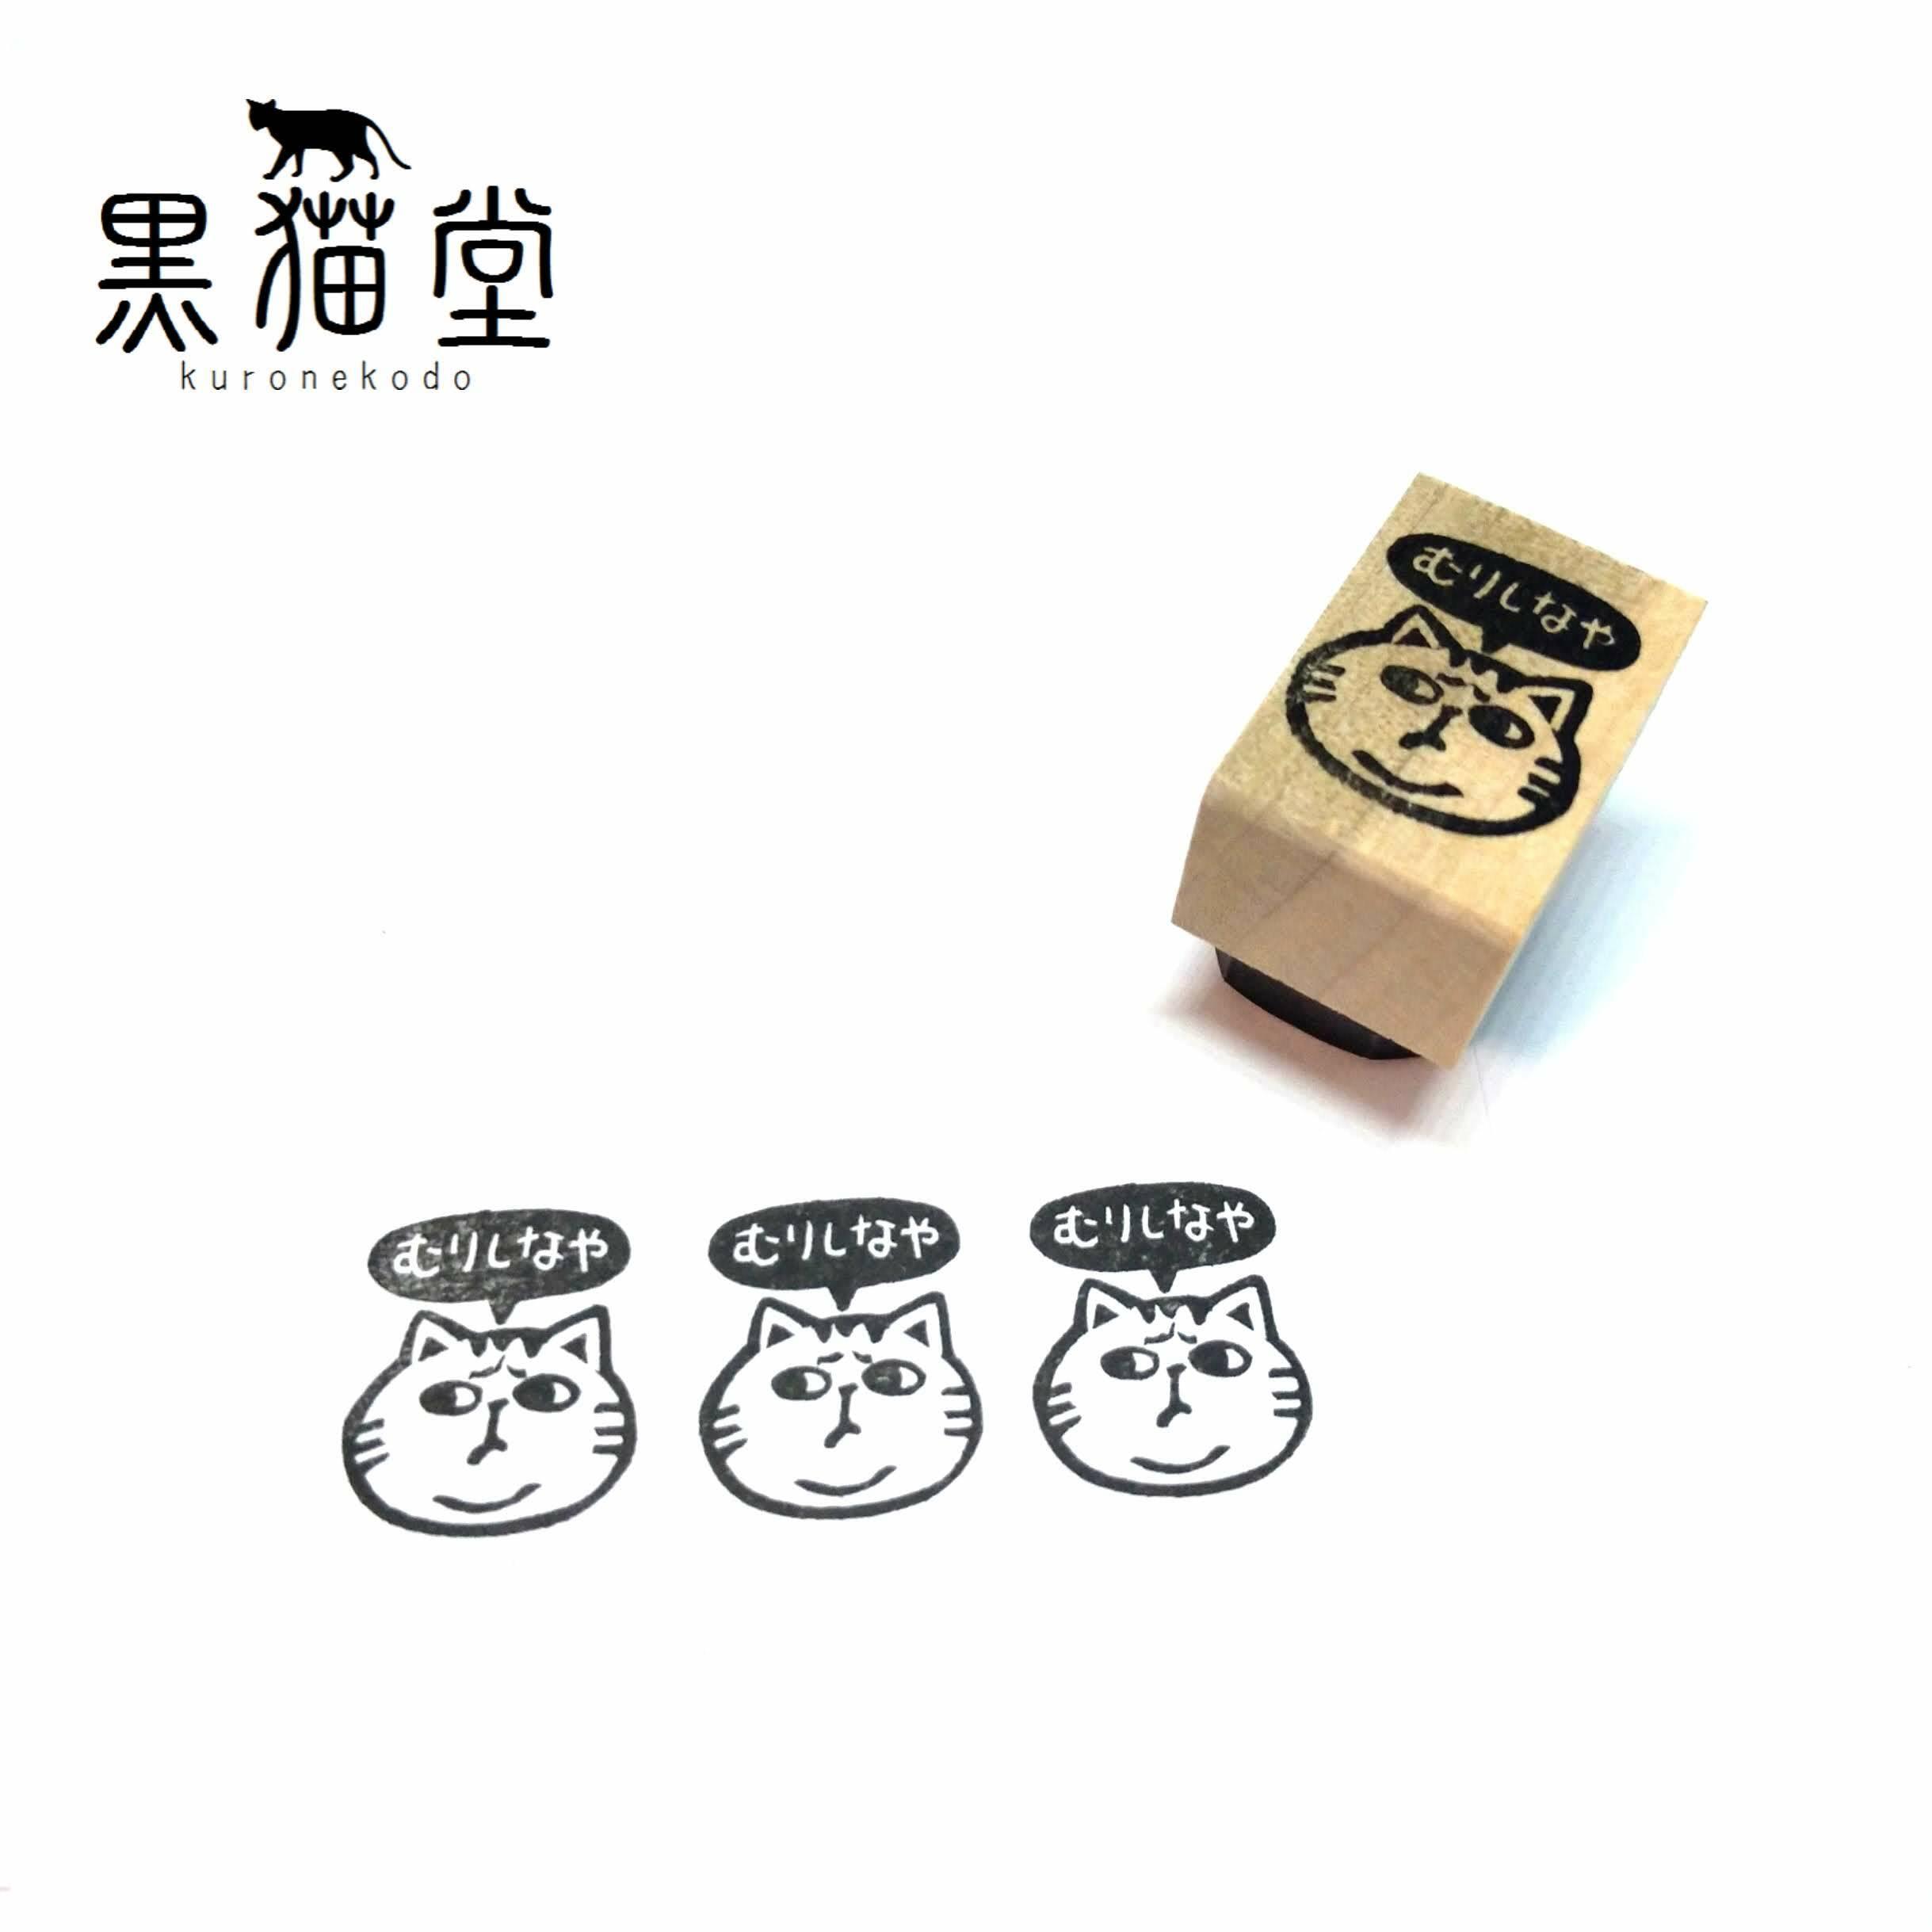 関西弁ネコ「むりしなや」